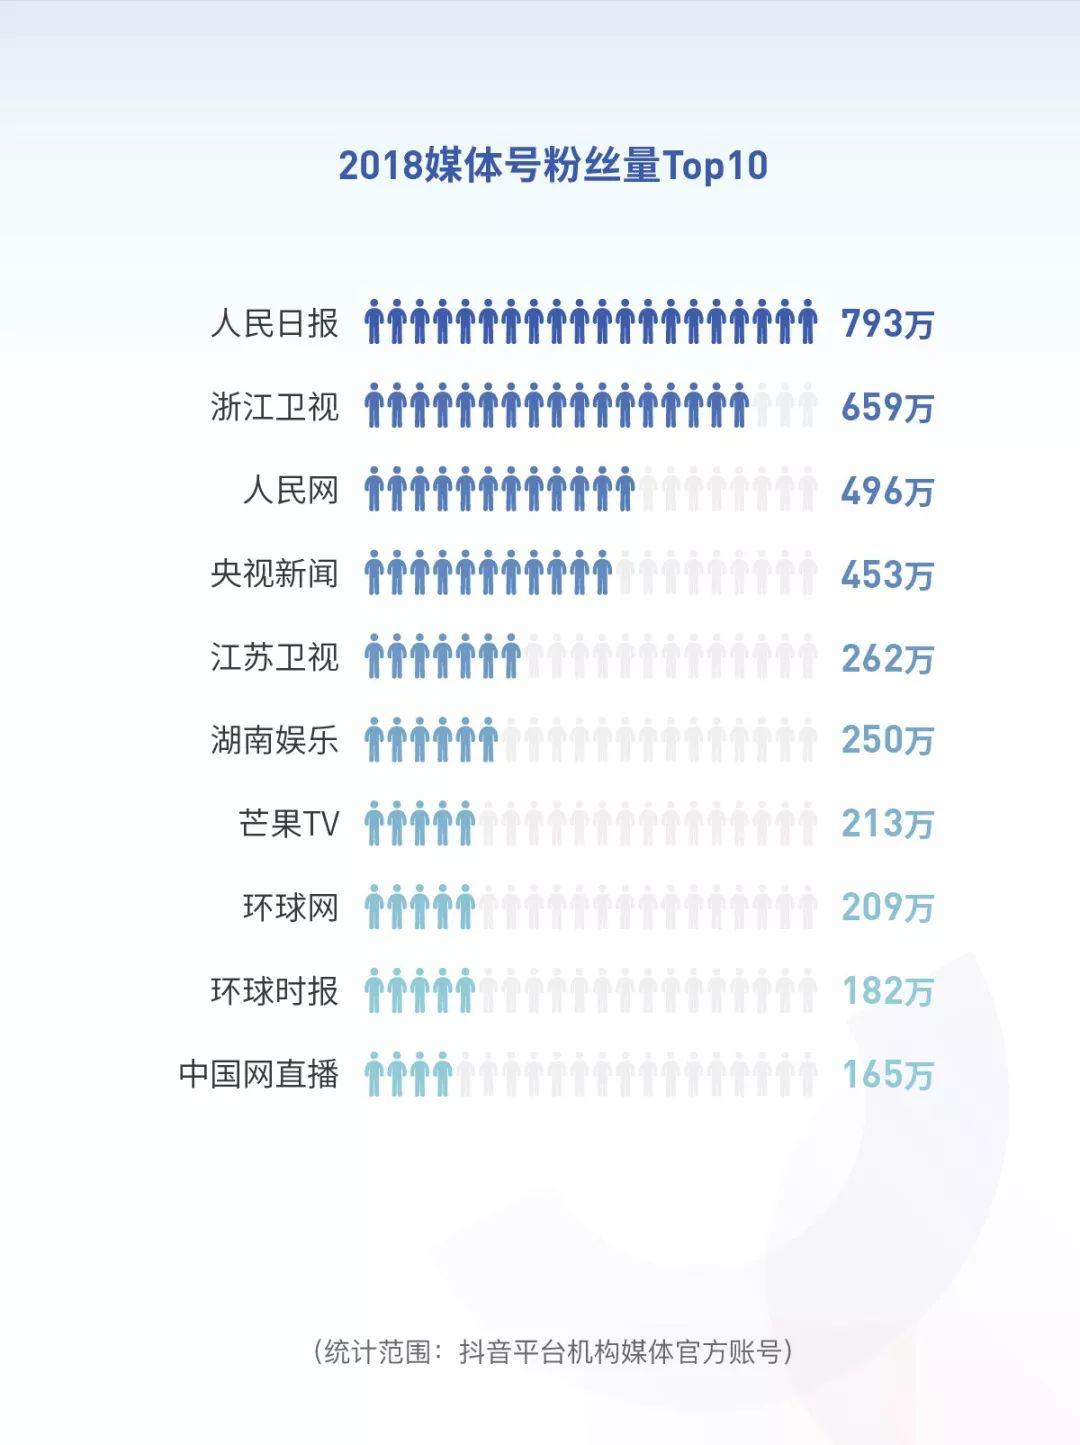 凤凰平台图片:全文版:抖音2018年度数据报告